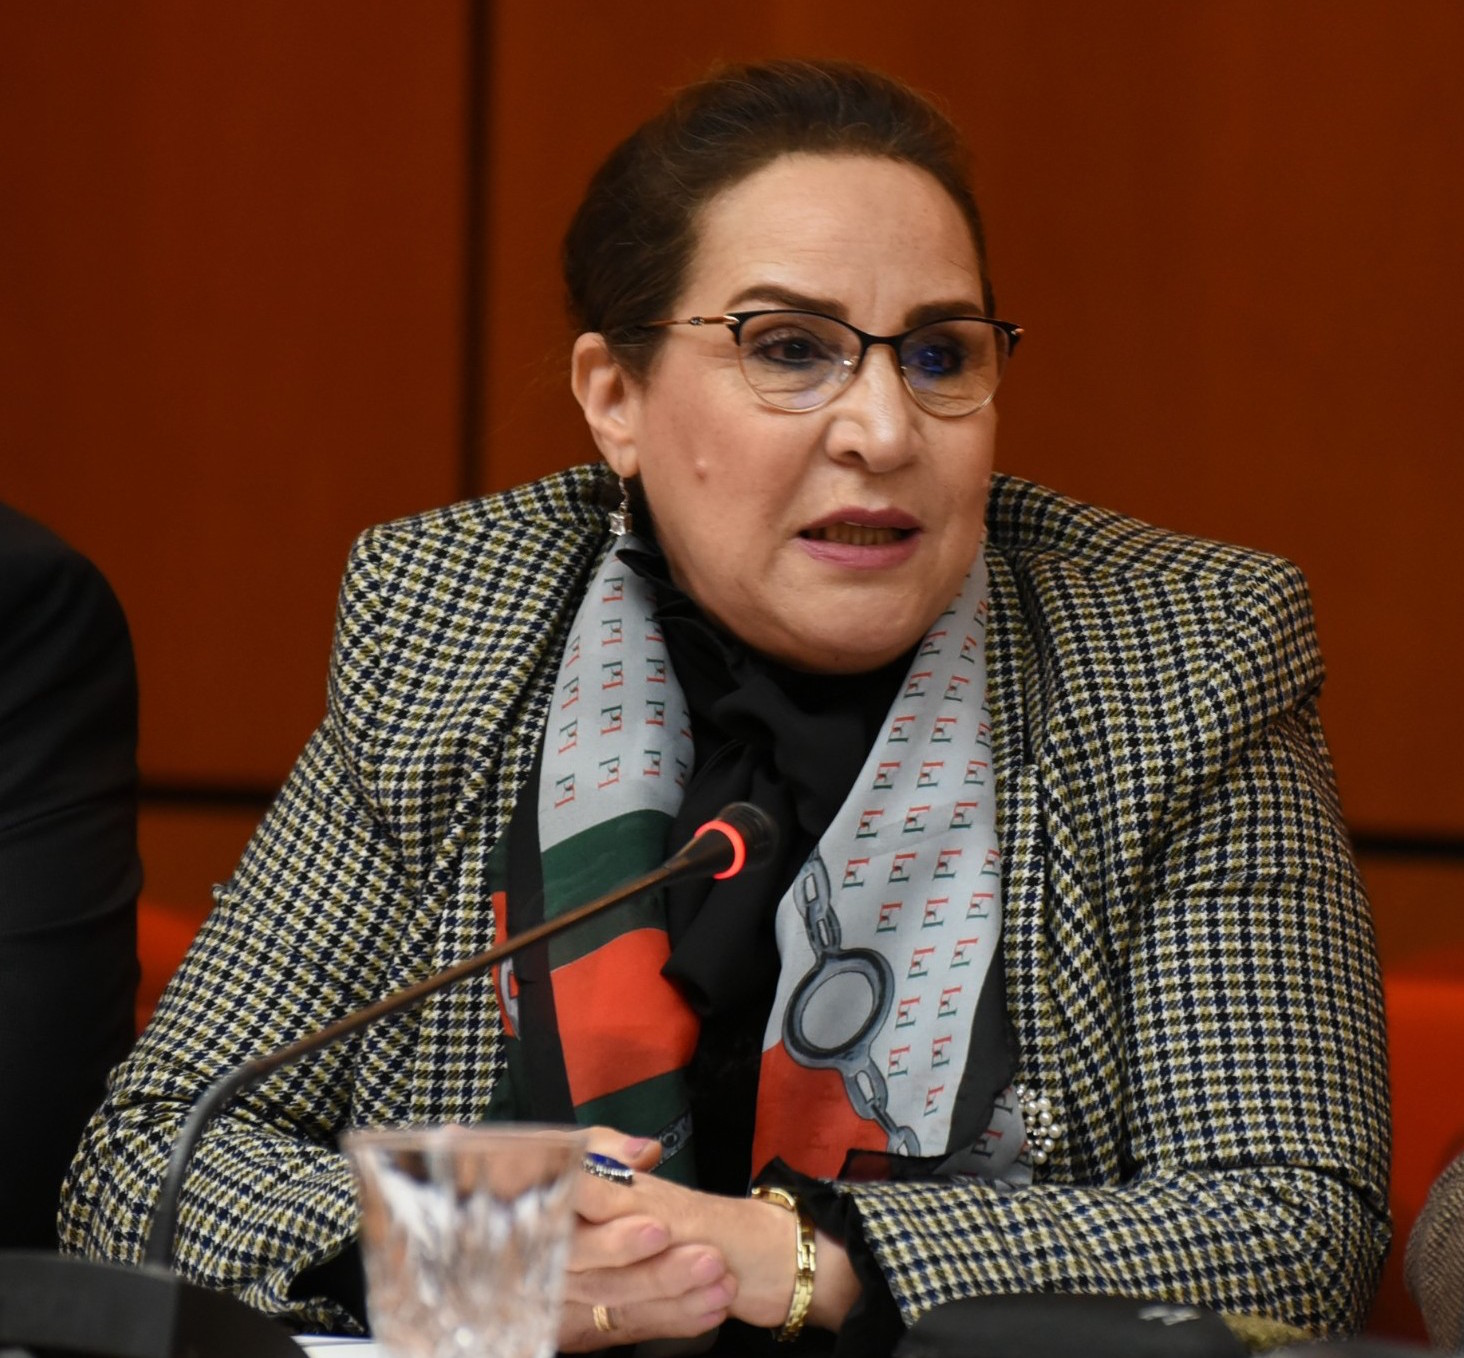 الأخت سعيدة أيت بوعلي : الحكومة مطالبة بتنزيل مقترحات البرلمان بخصوص حماية القدرة الشرائية للمواطنين